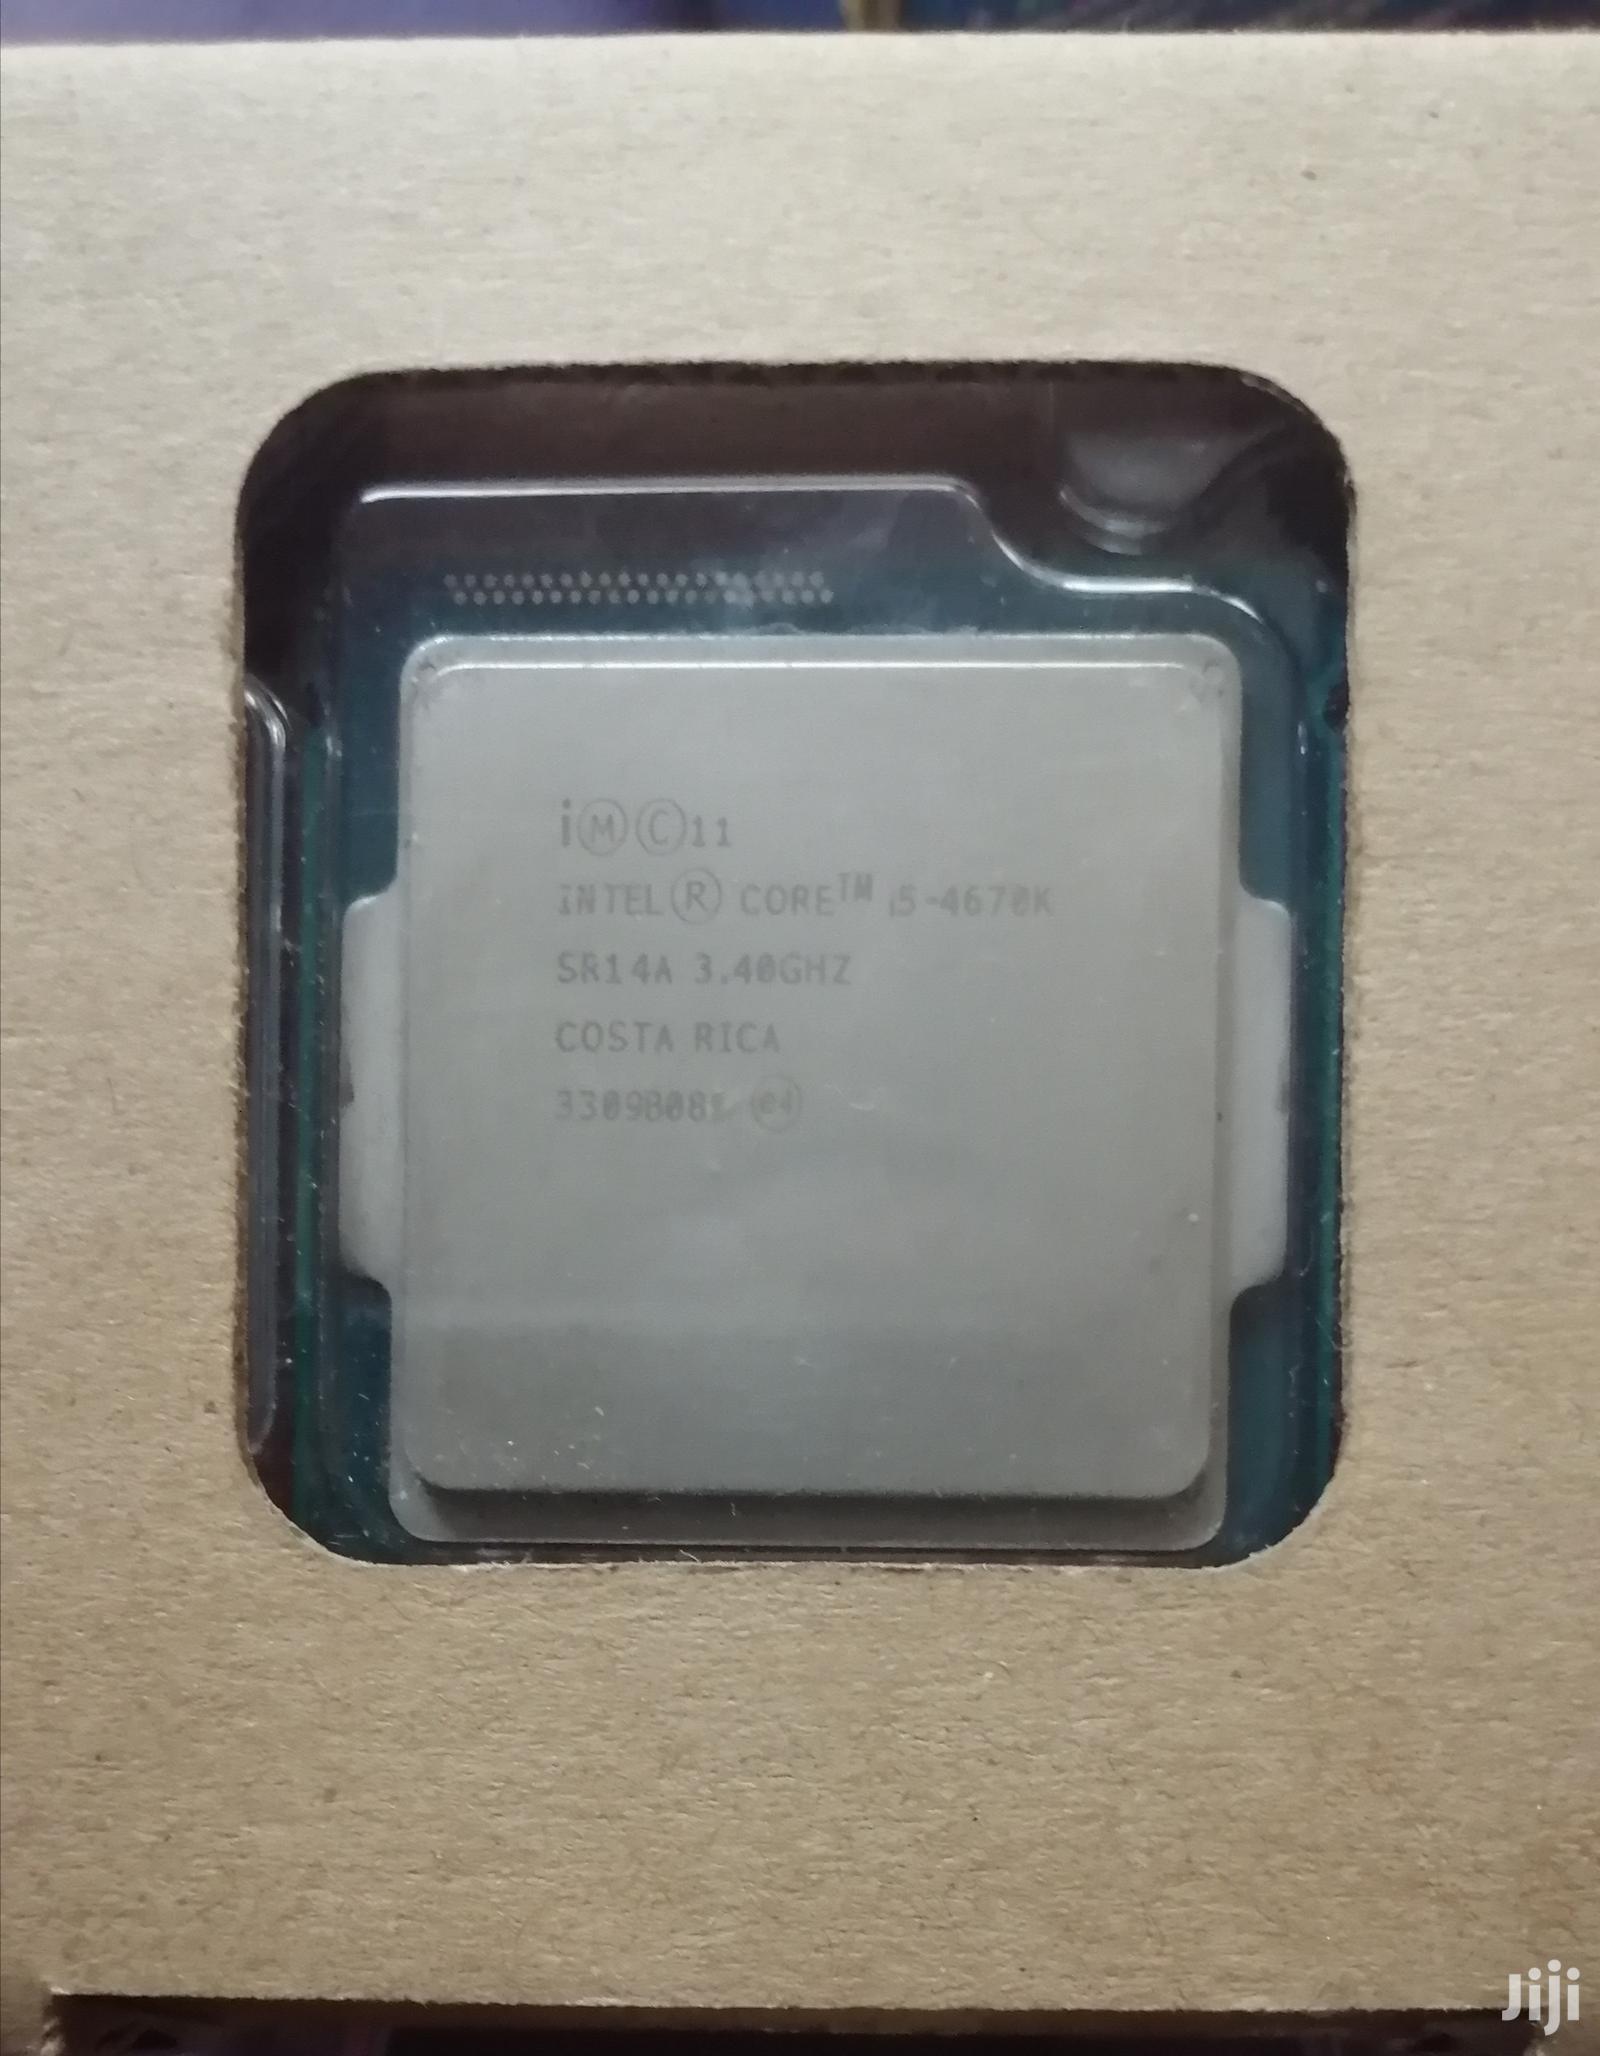 Archive: Intel Core I5 (4670K) Processor